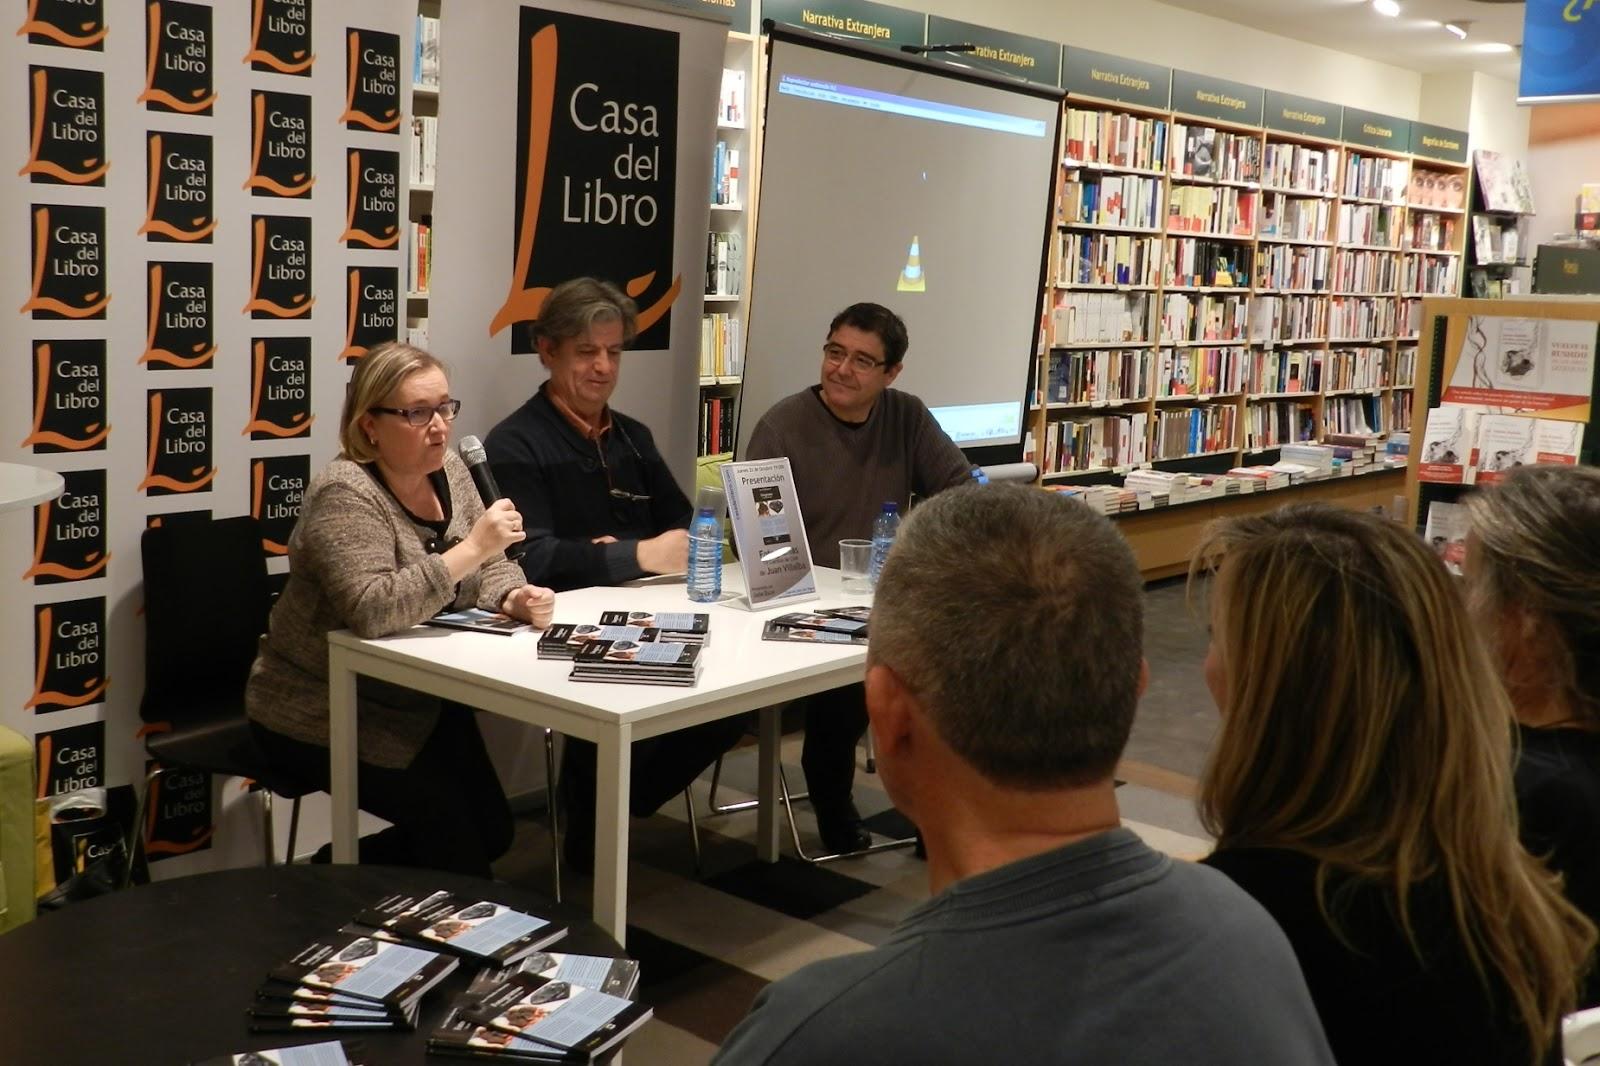 La glorieta presentaci n casa del libro en zaragoza for Cuarto creciente zaragoza